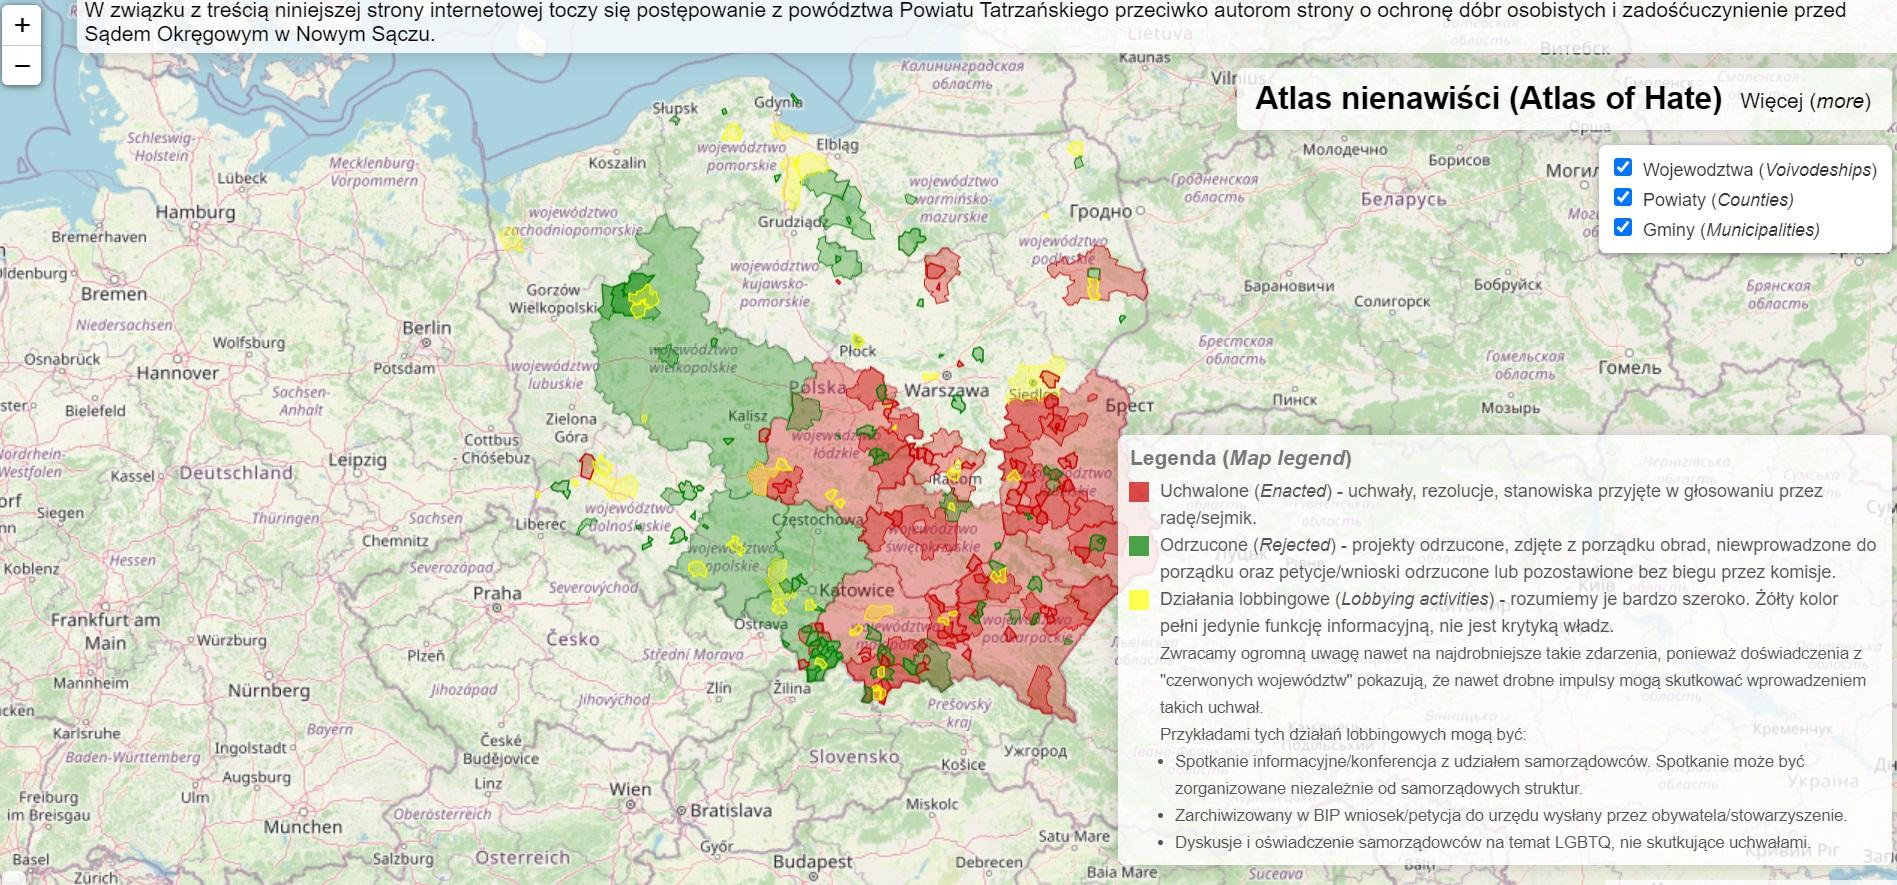 Na mapie zaznaczane są samorządy, które m.in. podjęły uchwały anty-LGBT lub dot. Samorzadowej Karty Praw Rodziny (Fot. atlasnienawisci.pl)